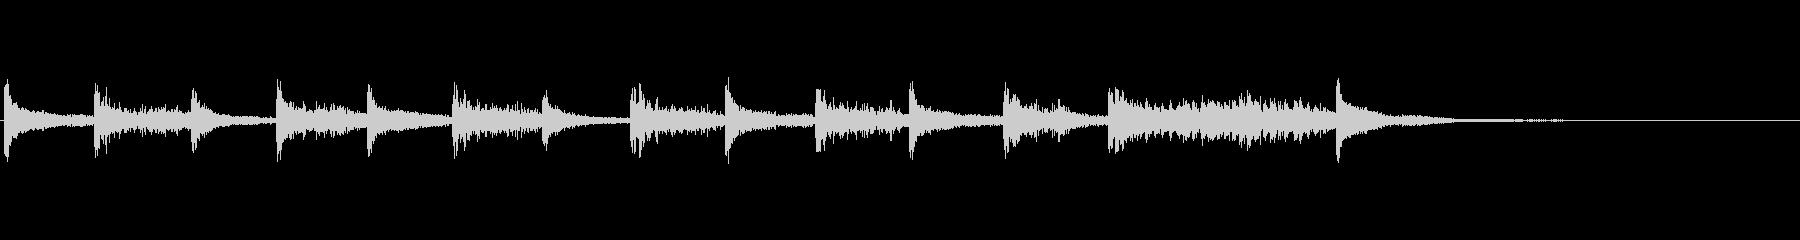 低アクセント、音楽、パーカッション...の未再生の波形